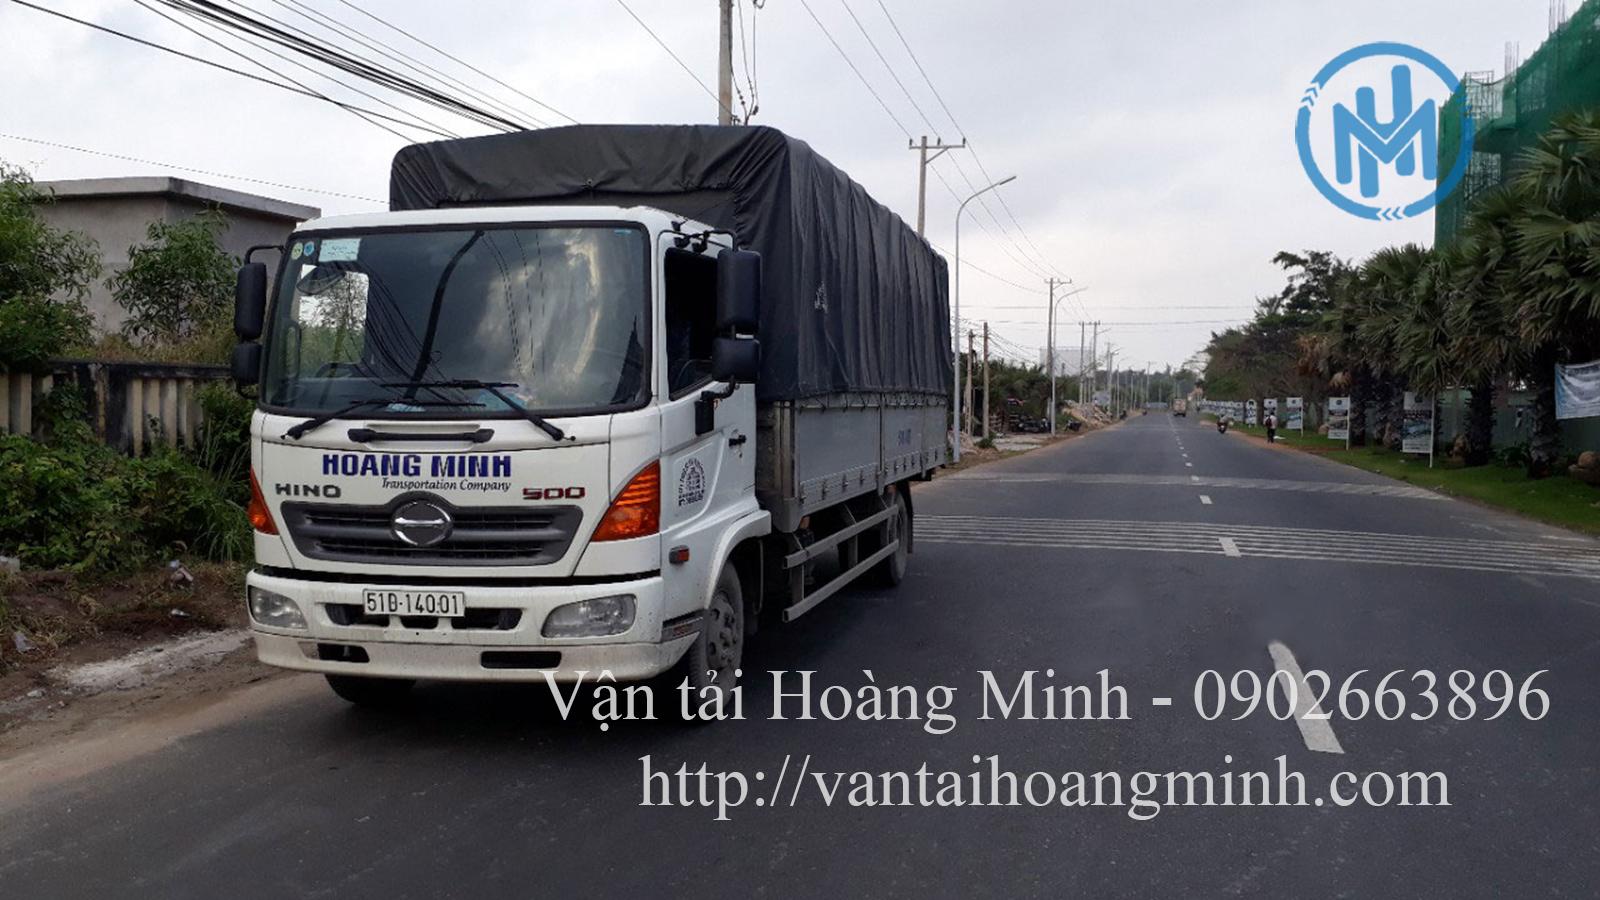 thuê xe tải chở hàng ra vào sân bay tsn